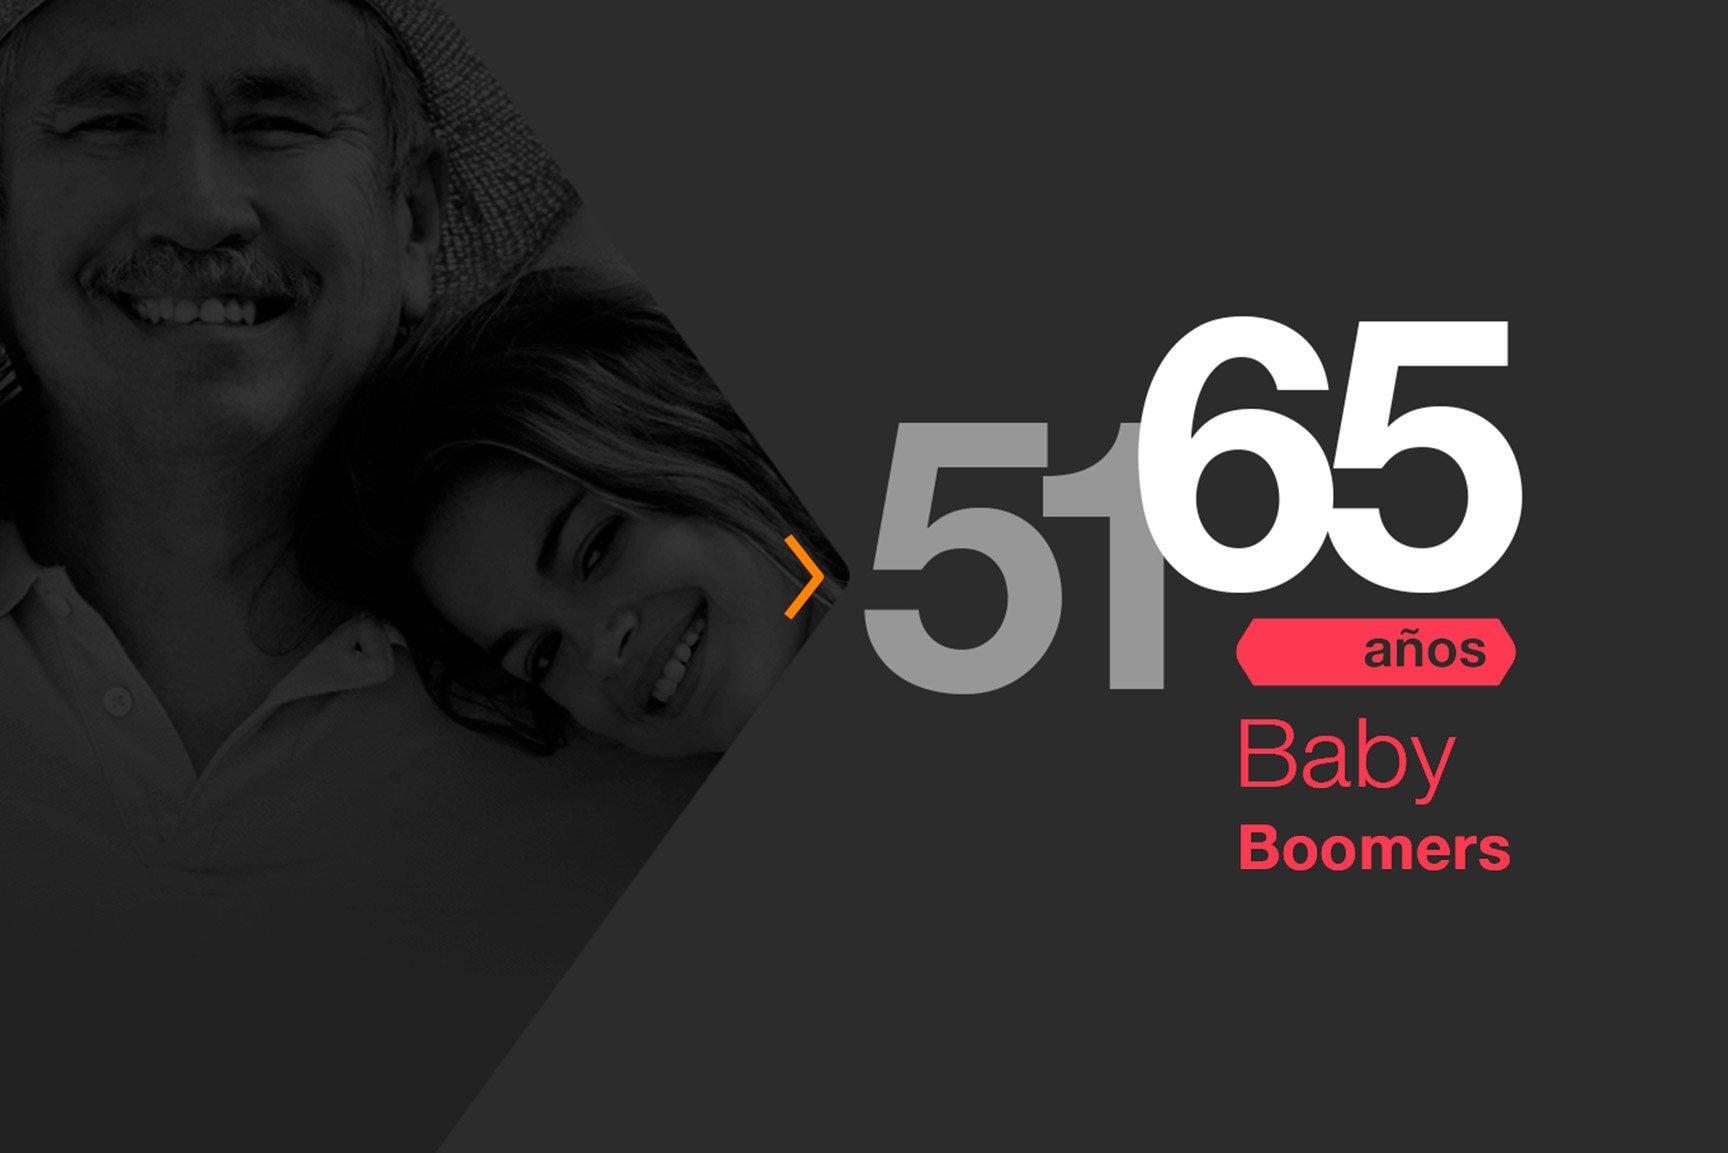 h_cuales_son_los_habitos_de_los_babby_boomers_colombianos.jpg